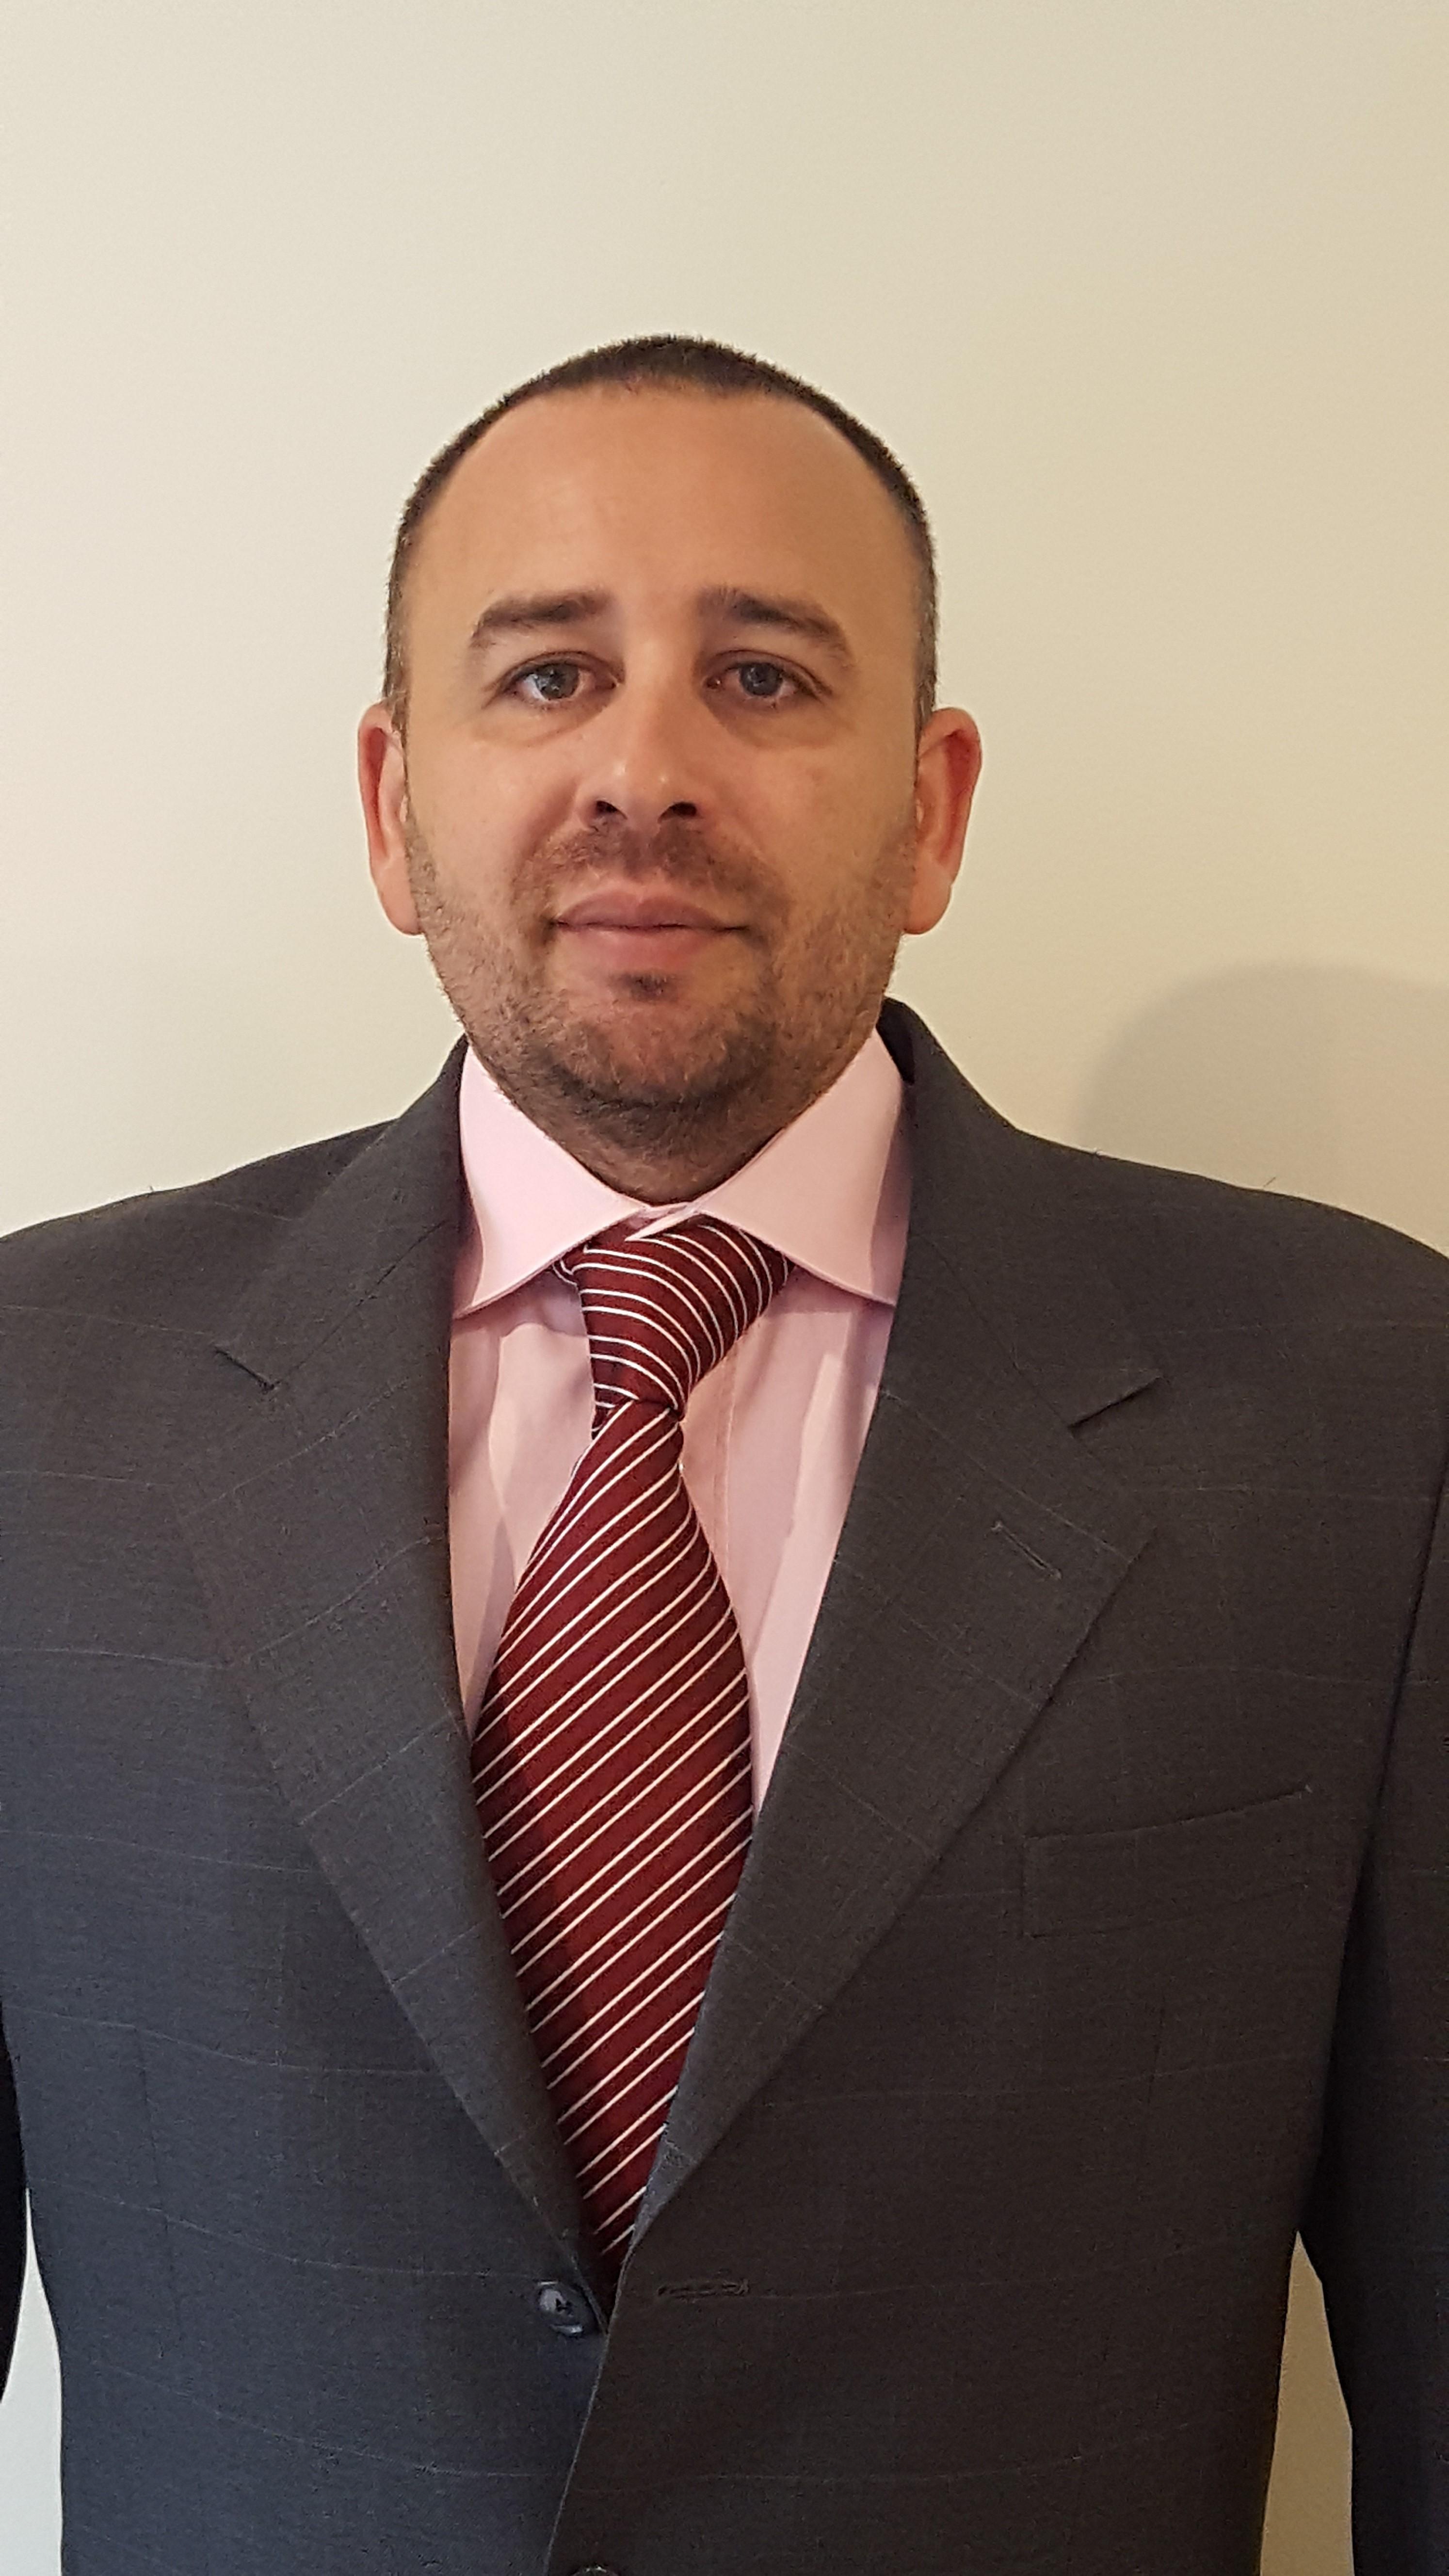 Jorge Dapelo